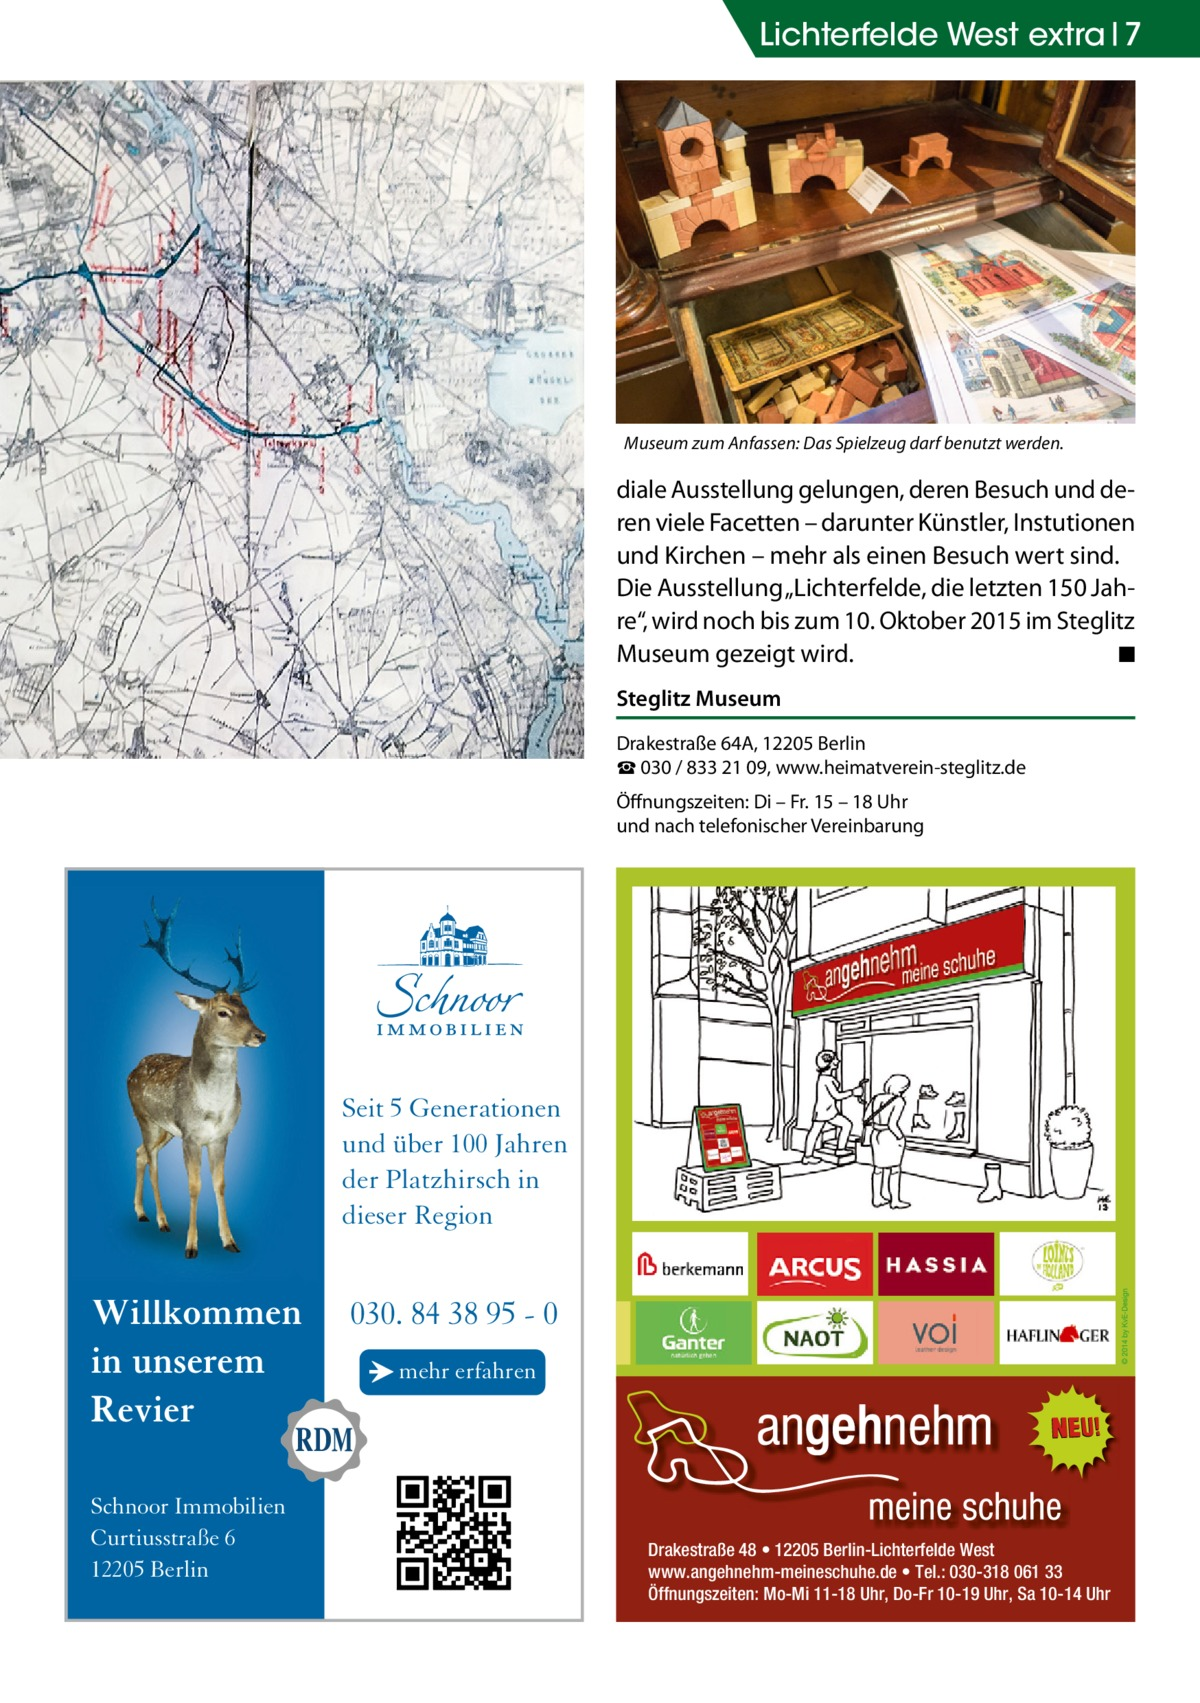 """Lichterfelde West extra 7  Museum zum Anfassen: Das Spielzeug darf benutzt werden.  diale Ausstellung gelungen, deren Besuch und deren viele Facetten – darunter Künstler, Instutionen und Kirchen – mehr als einen Besuch wert sind. Die Ausstellung """"Lichterfelde, die letzten 150Jahre"""", wird noch bis zum 10. Oktober 2015 im Steglitz Museum gezeigt wird. � ◾ Steglitz Museum Drakestraße 64A, 12205 Berlin ☎ 030 / 833 21 09, www.heimatverein-steglitz.de Öffnungszeiten: Di – Fr. 15 – 18 Uhr und nach telefonischer Vereinbarung  Seit 5 Generationen und über 100 Jahren der Platzhirsch in dieser Region  Willkommen in unserem Revier Schnoor Immobilien Curtiusstraße 6 12205 Berlin  030. 84 38 95 - 0 → mehr erfahren  Drakestraße 48 • 12205 Berlin-Lichterfelde West www.angehnehm-meineschuhe.de • Tel.: 030-318 061 33 Öffnungszeiten: Mo-Mi 11-18 Uhr, Do-Fr 10-19 Uhr, Sa 10-14 Uhr"""